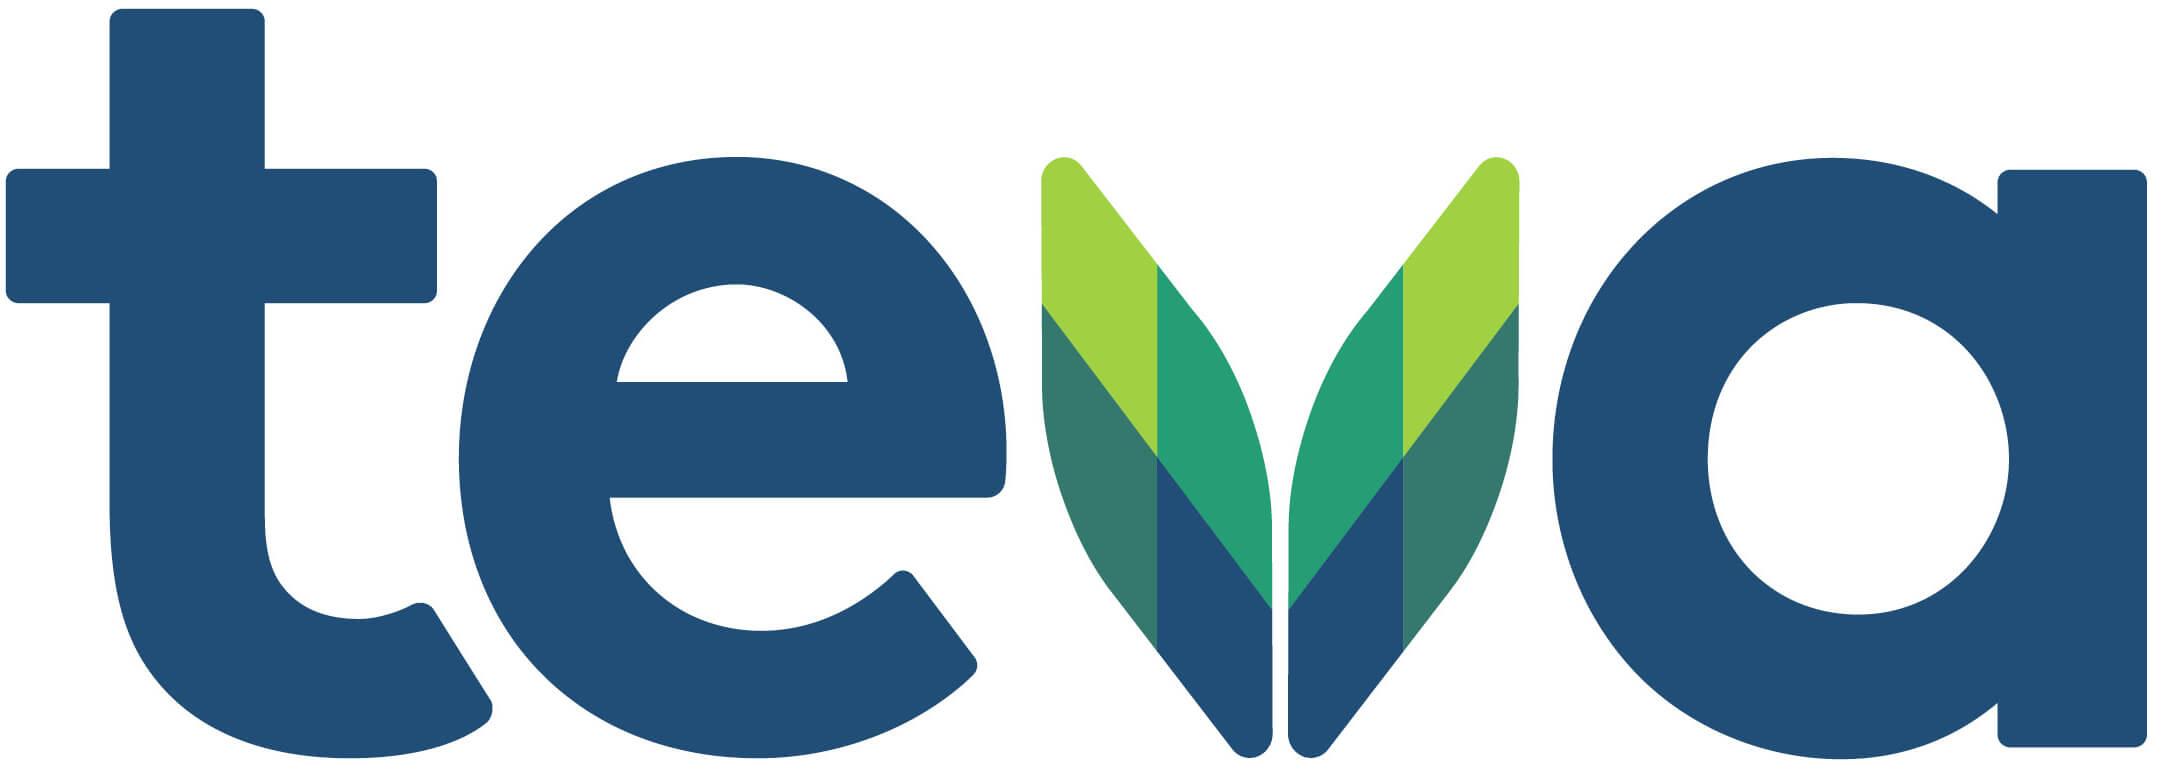 new logo teva